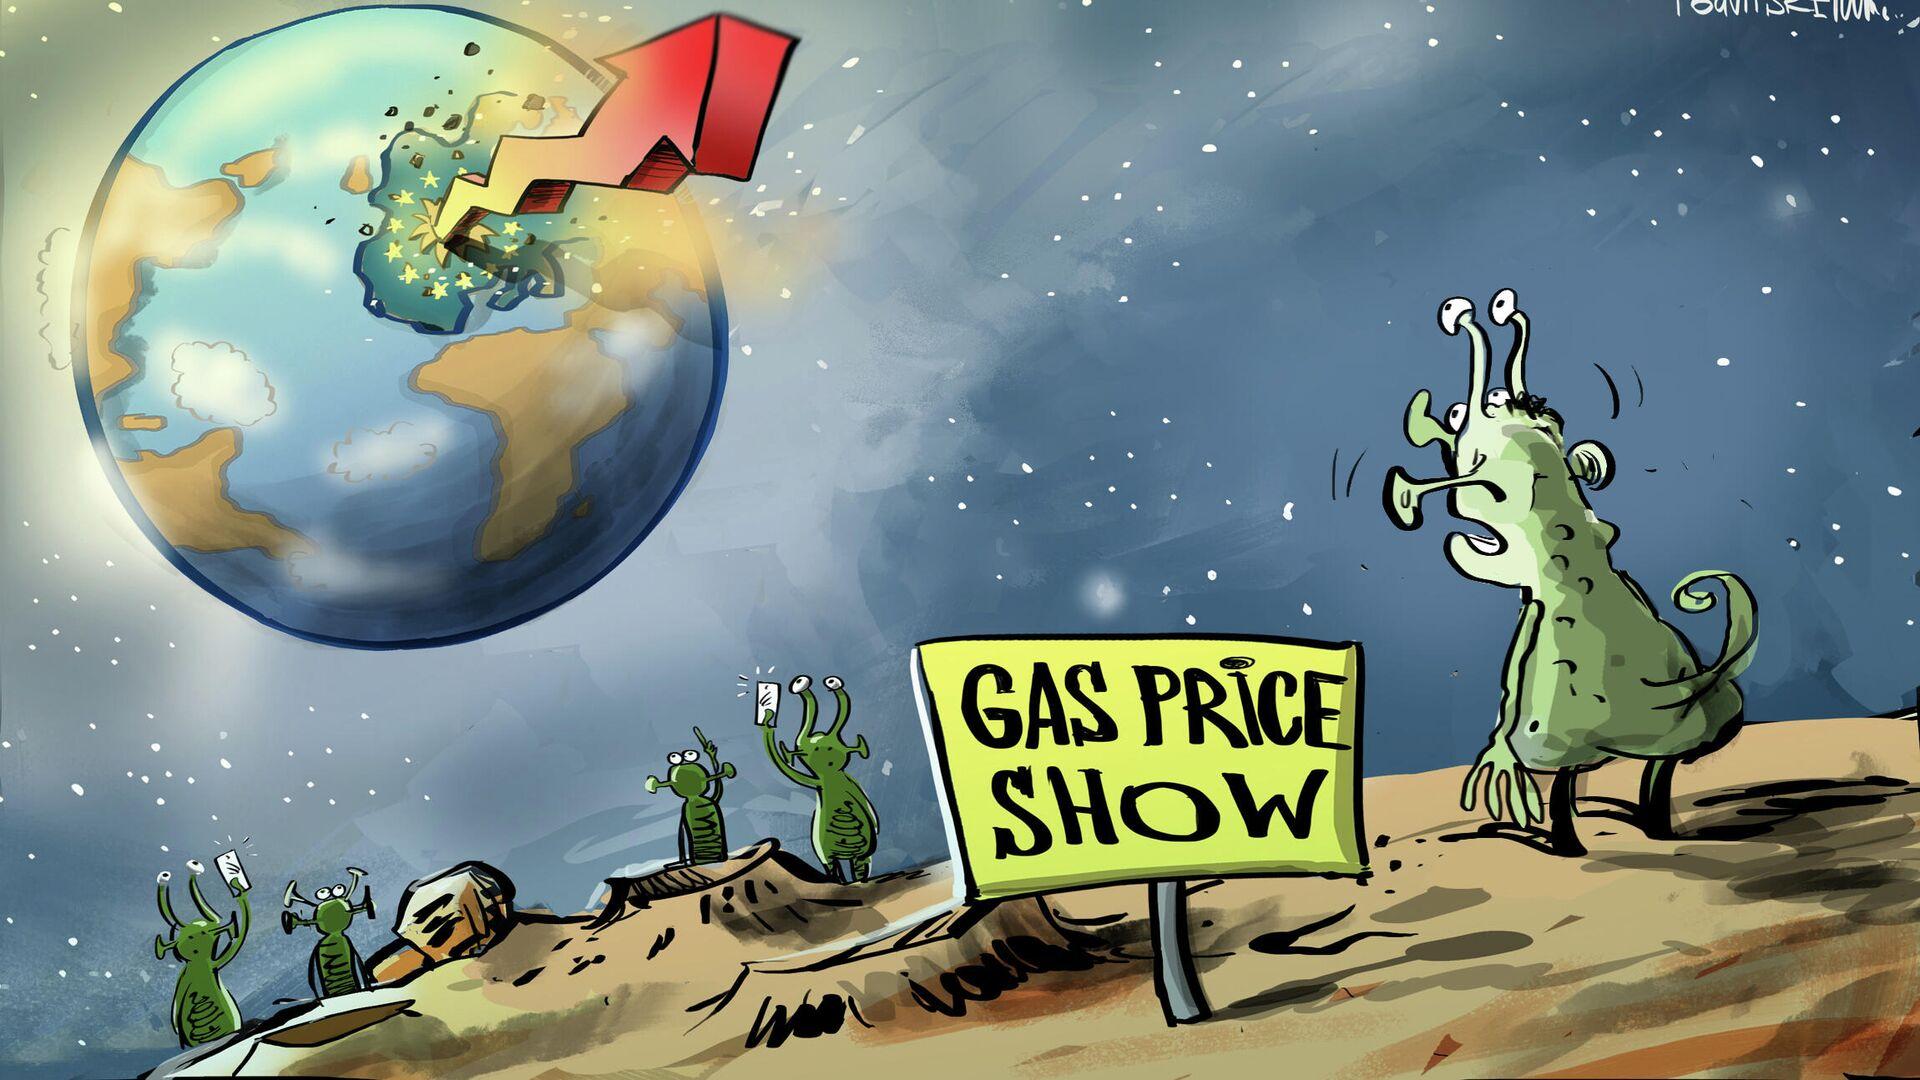 Gas price show - Sputnik Italia, 1920, 01.10.2021